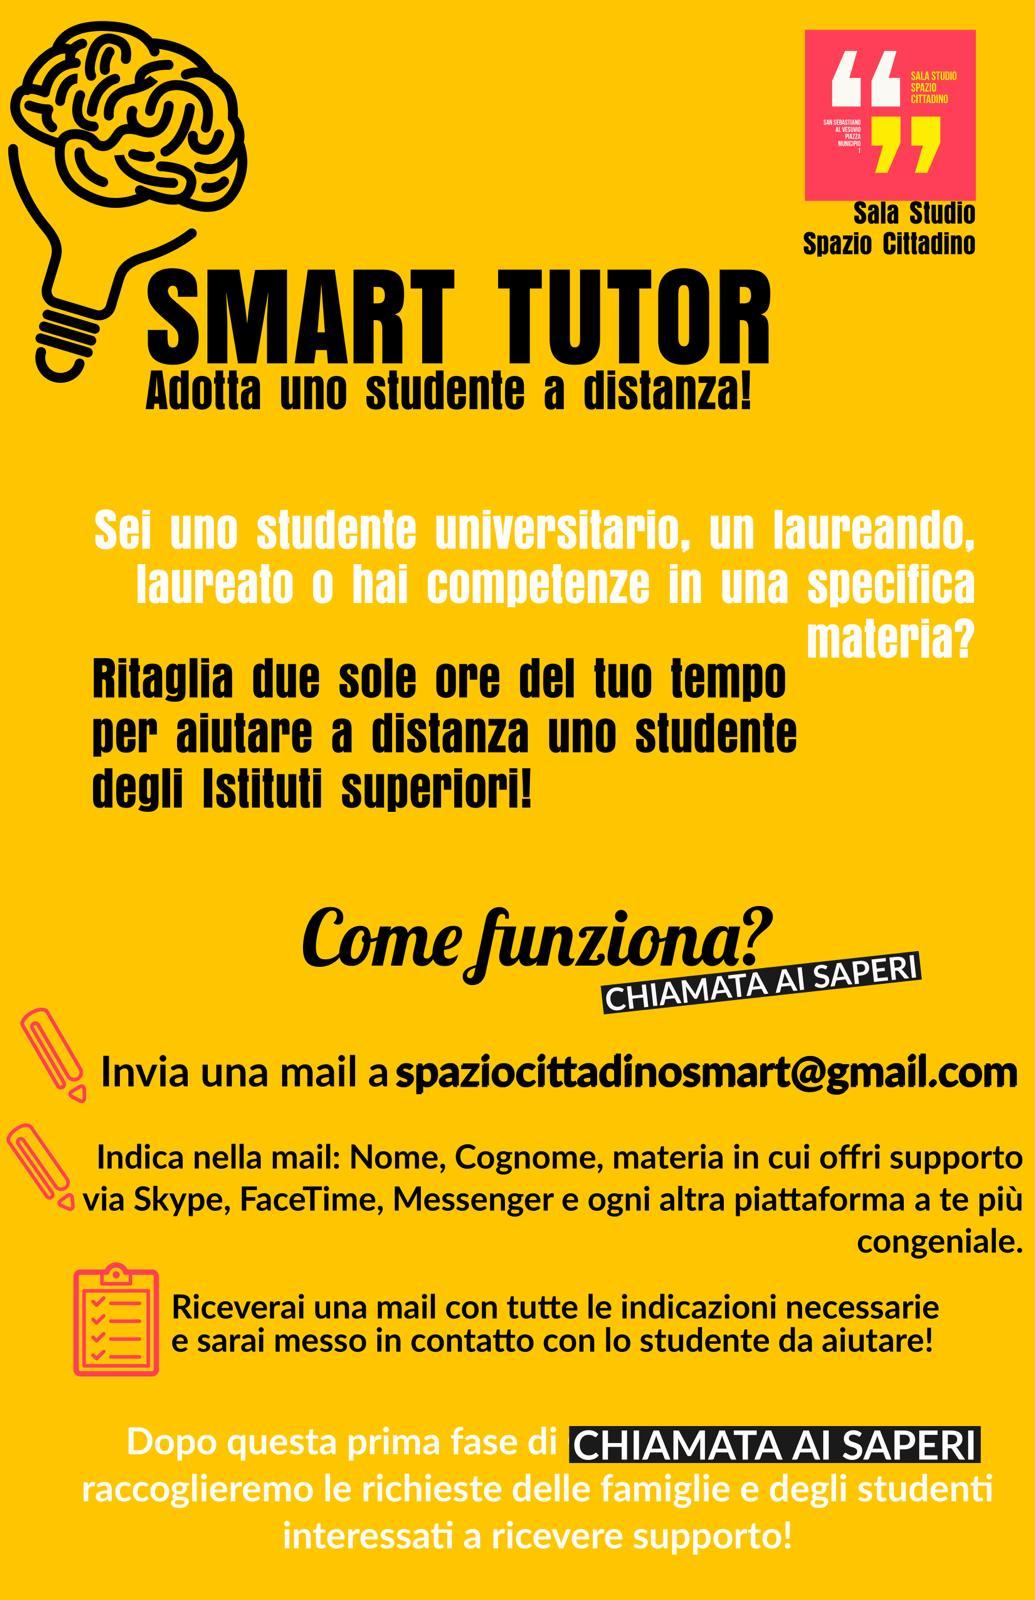 smart tutor 2020 san sebastiano al vesuvio